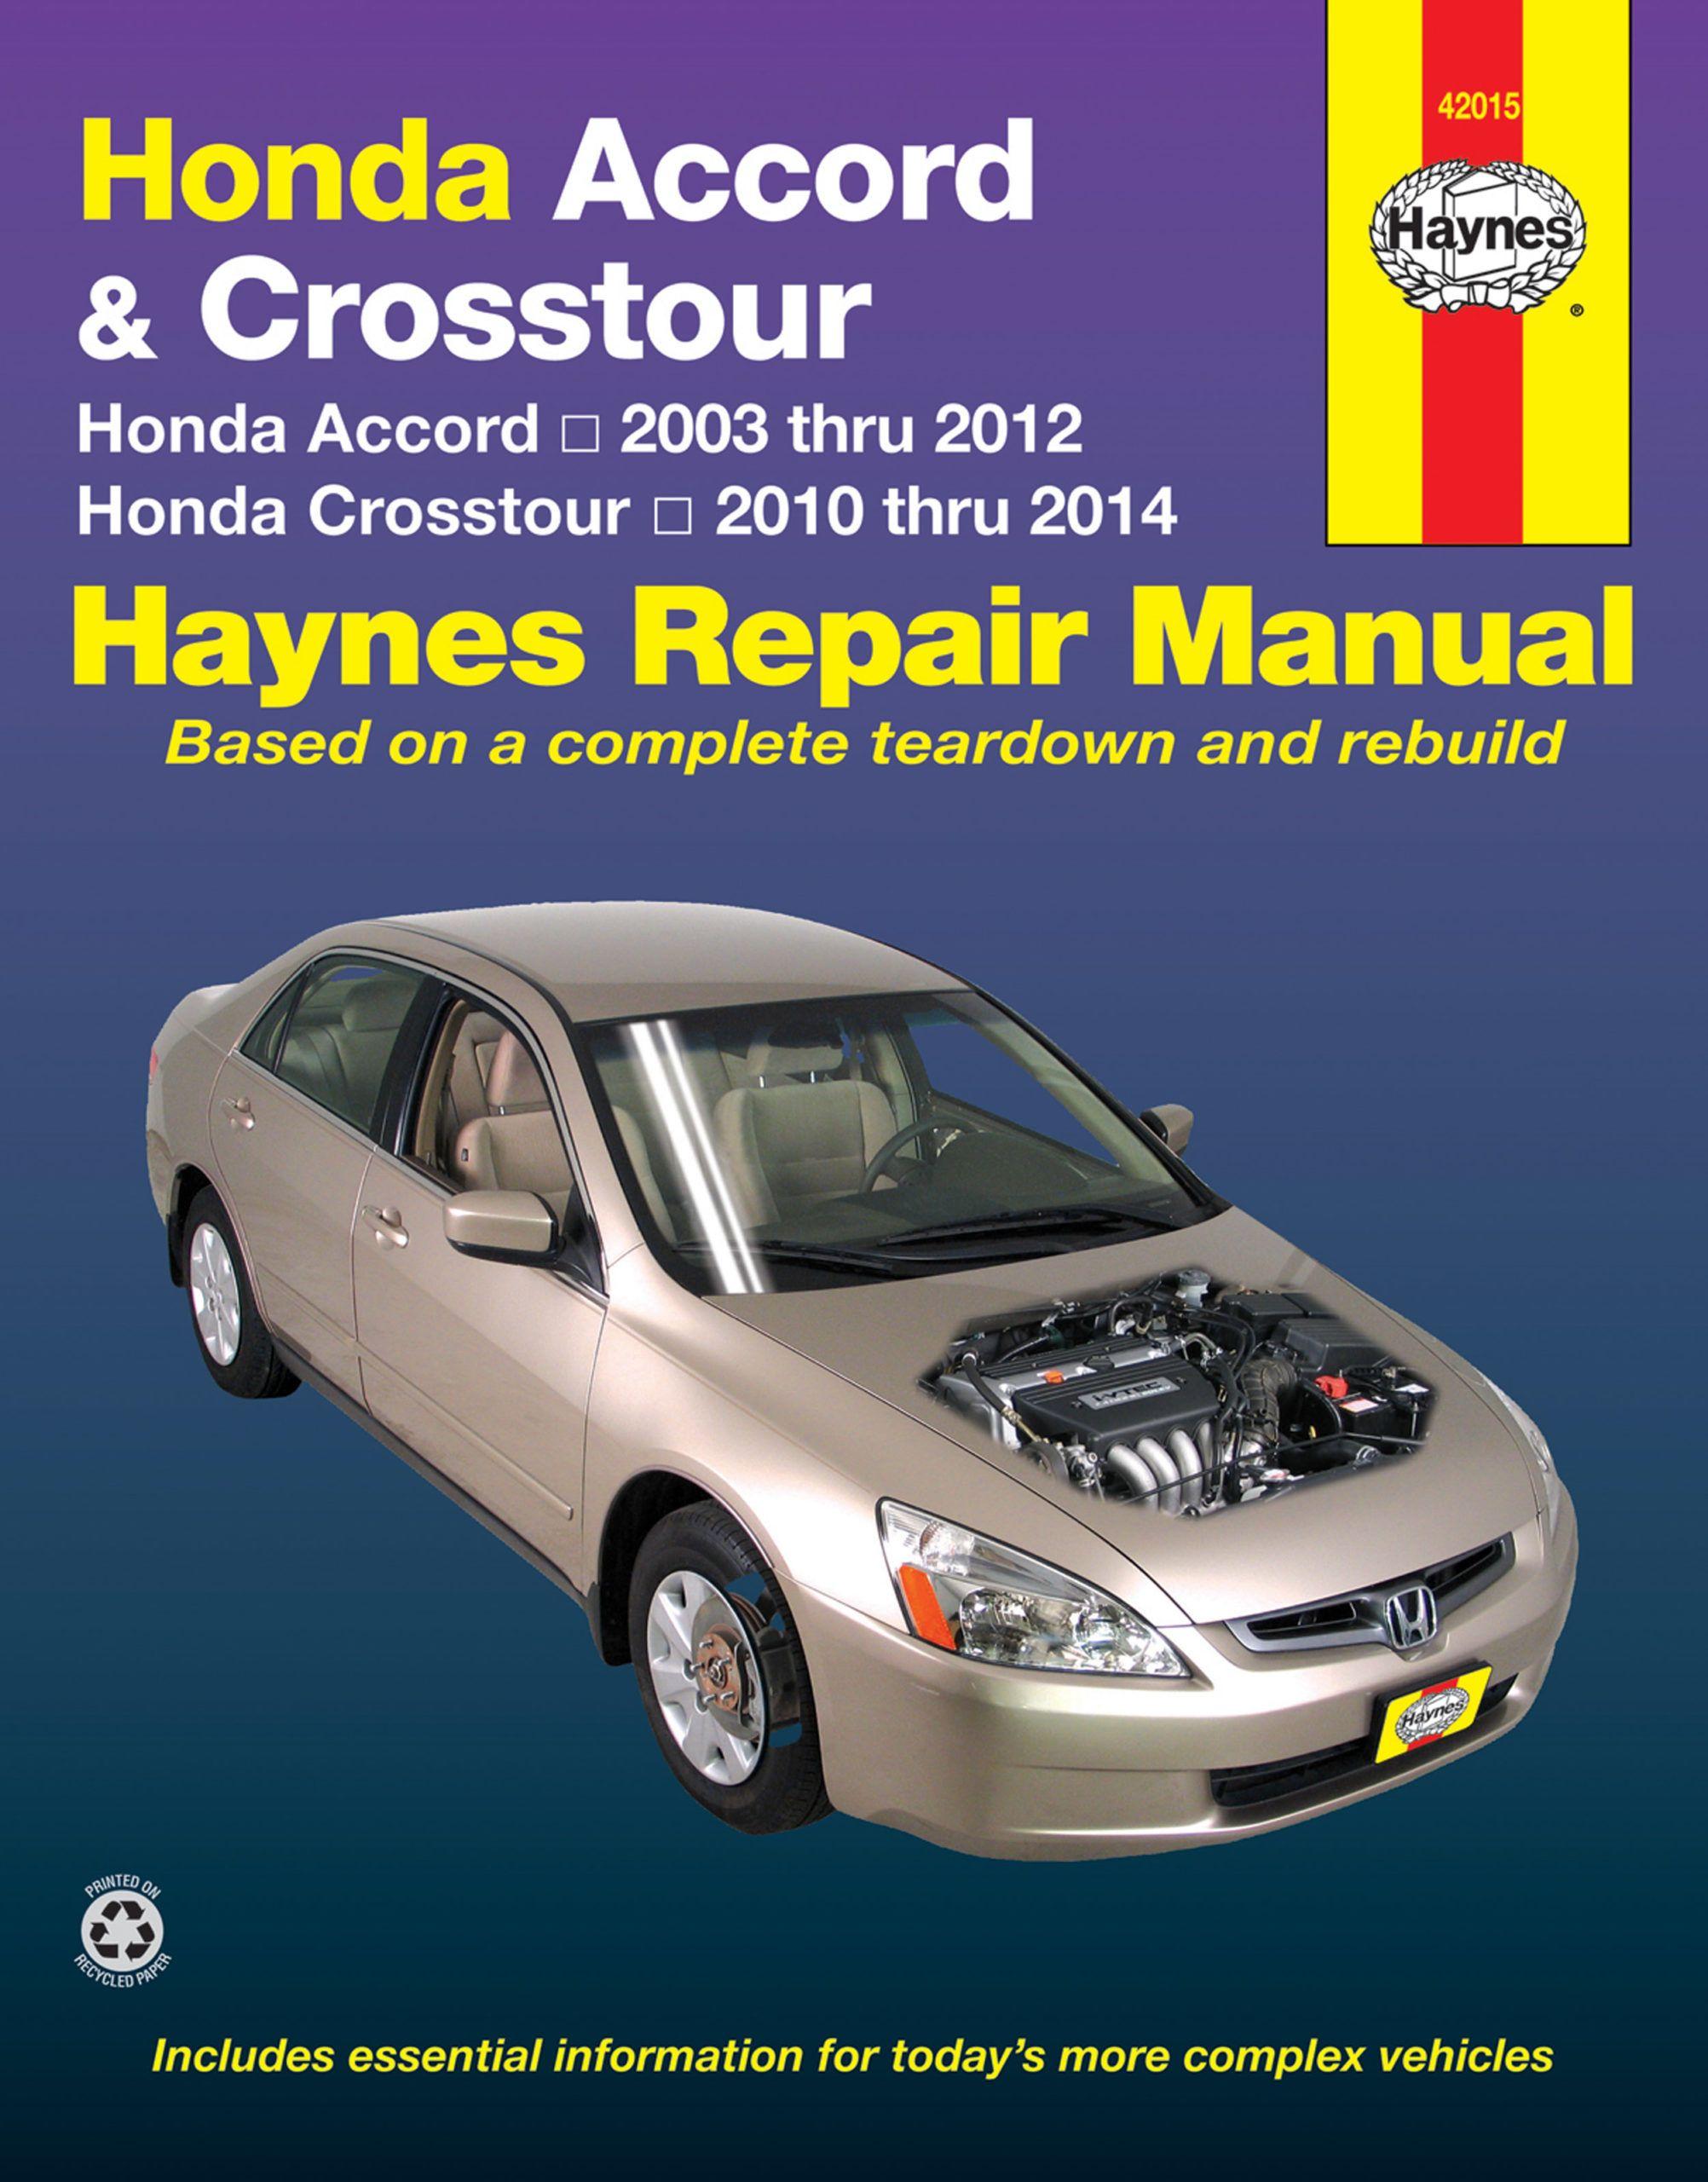 Get The Best Service Manual Pdf 50 Off Today Honda Accord Honda Crosstour Repair Manuals